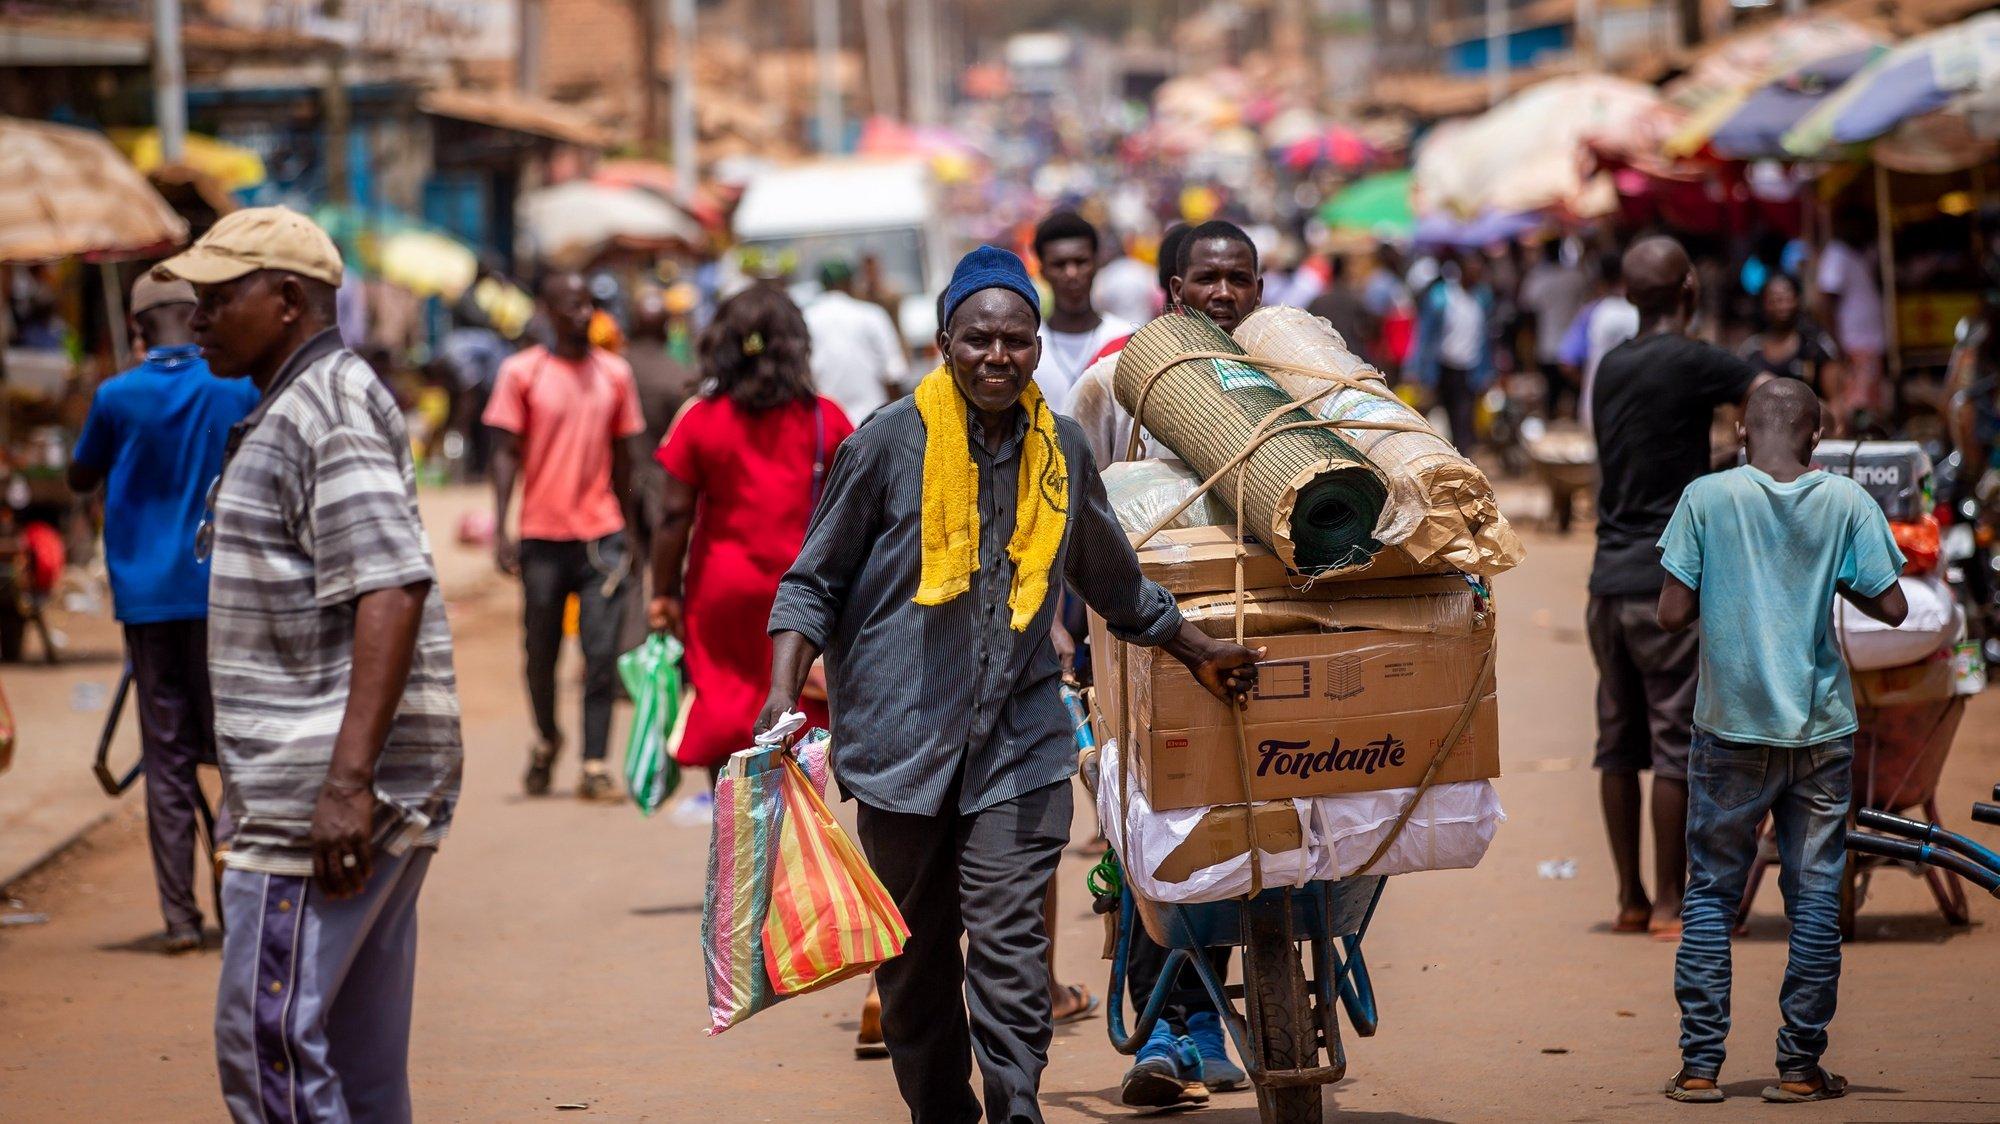 Um homem transporta mercadorias no mercado em Bissau, na Guiné-Bissau, 17 de maio de 2021. JOSÉ SENA GOULÃO/LUSA